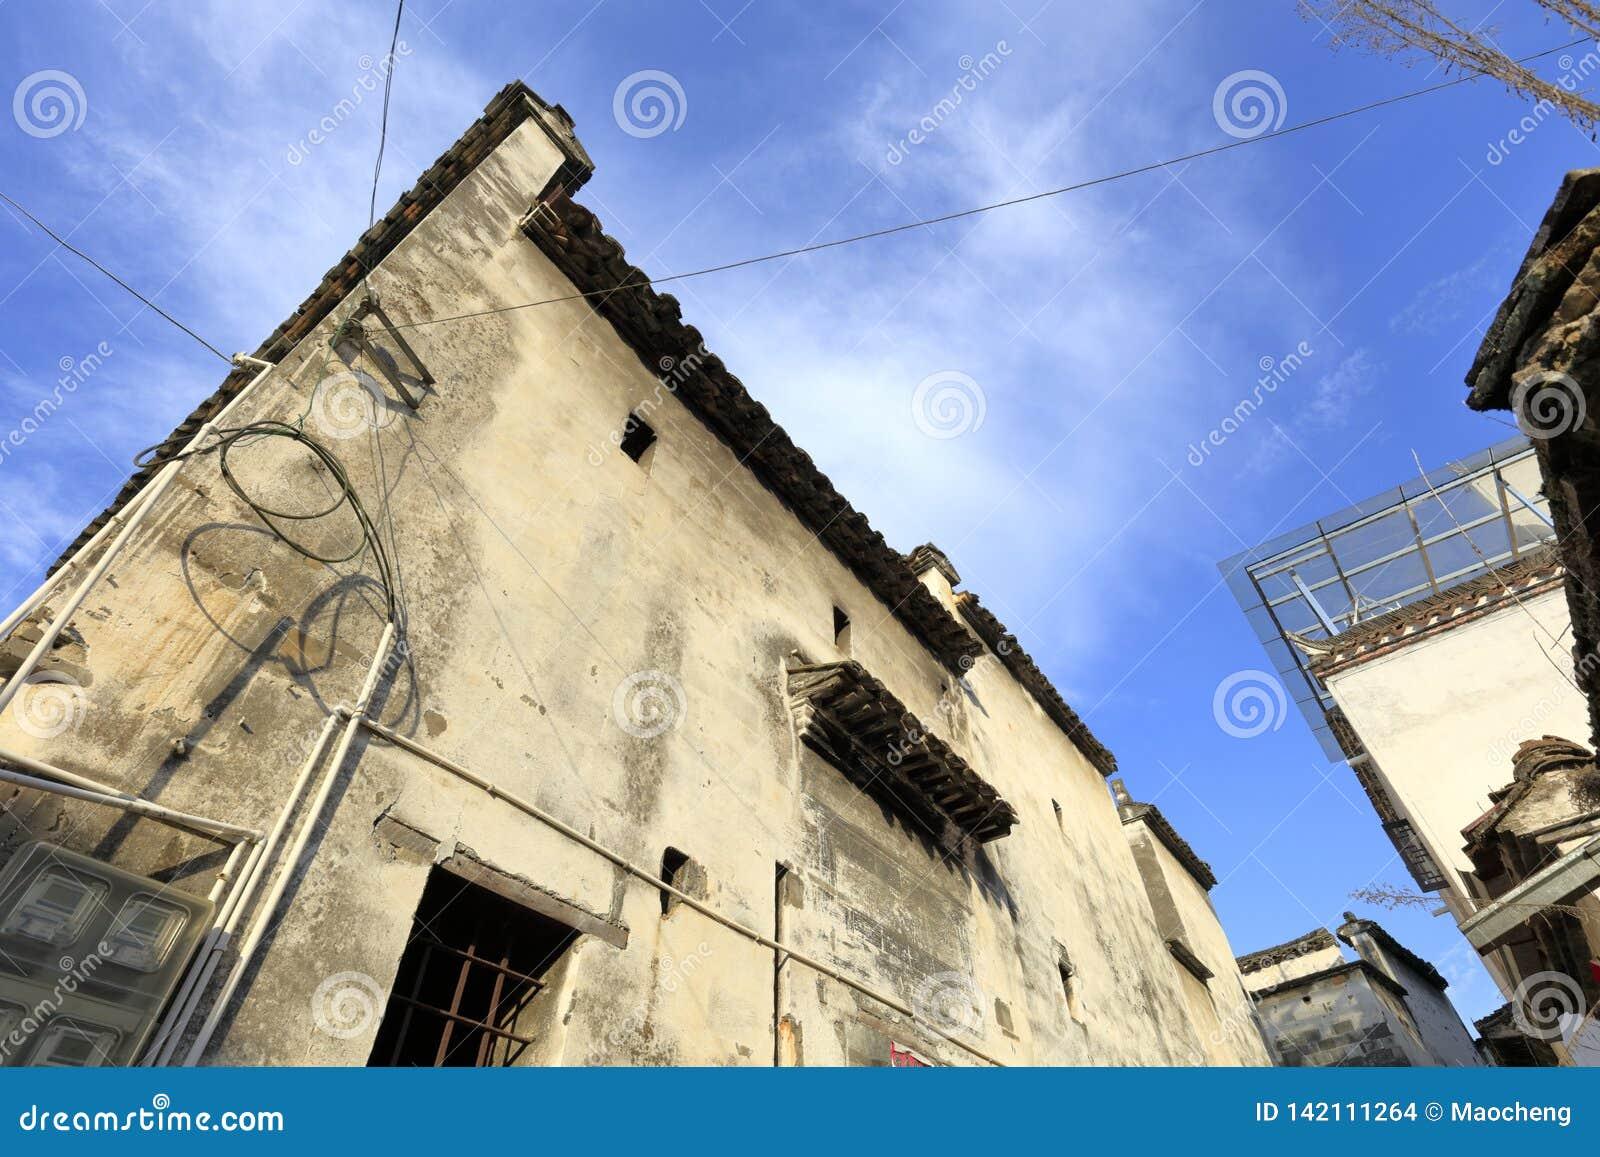 Μικρό παράθυρο της κινεζικής παραδοσιακής ειδικής άσπρης οικοδόμησης του ύφους anhui, πλίθα rgb